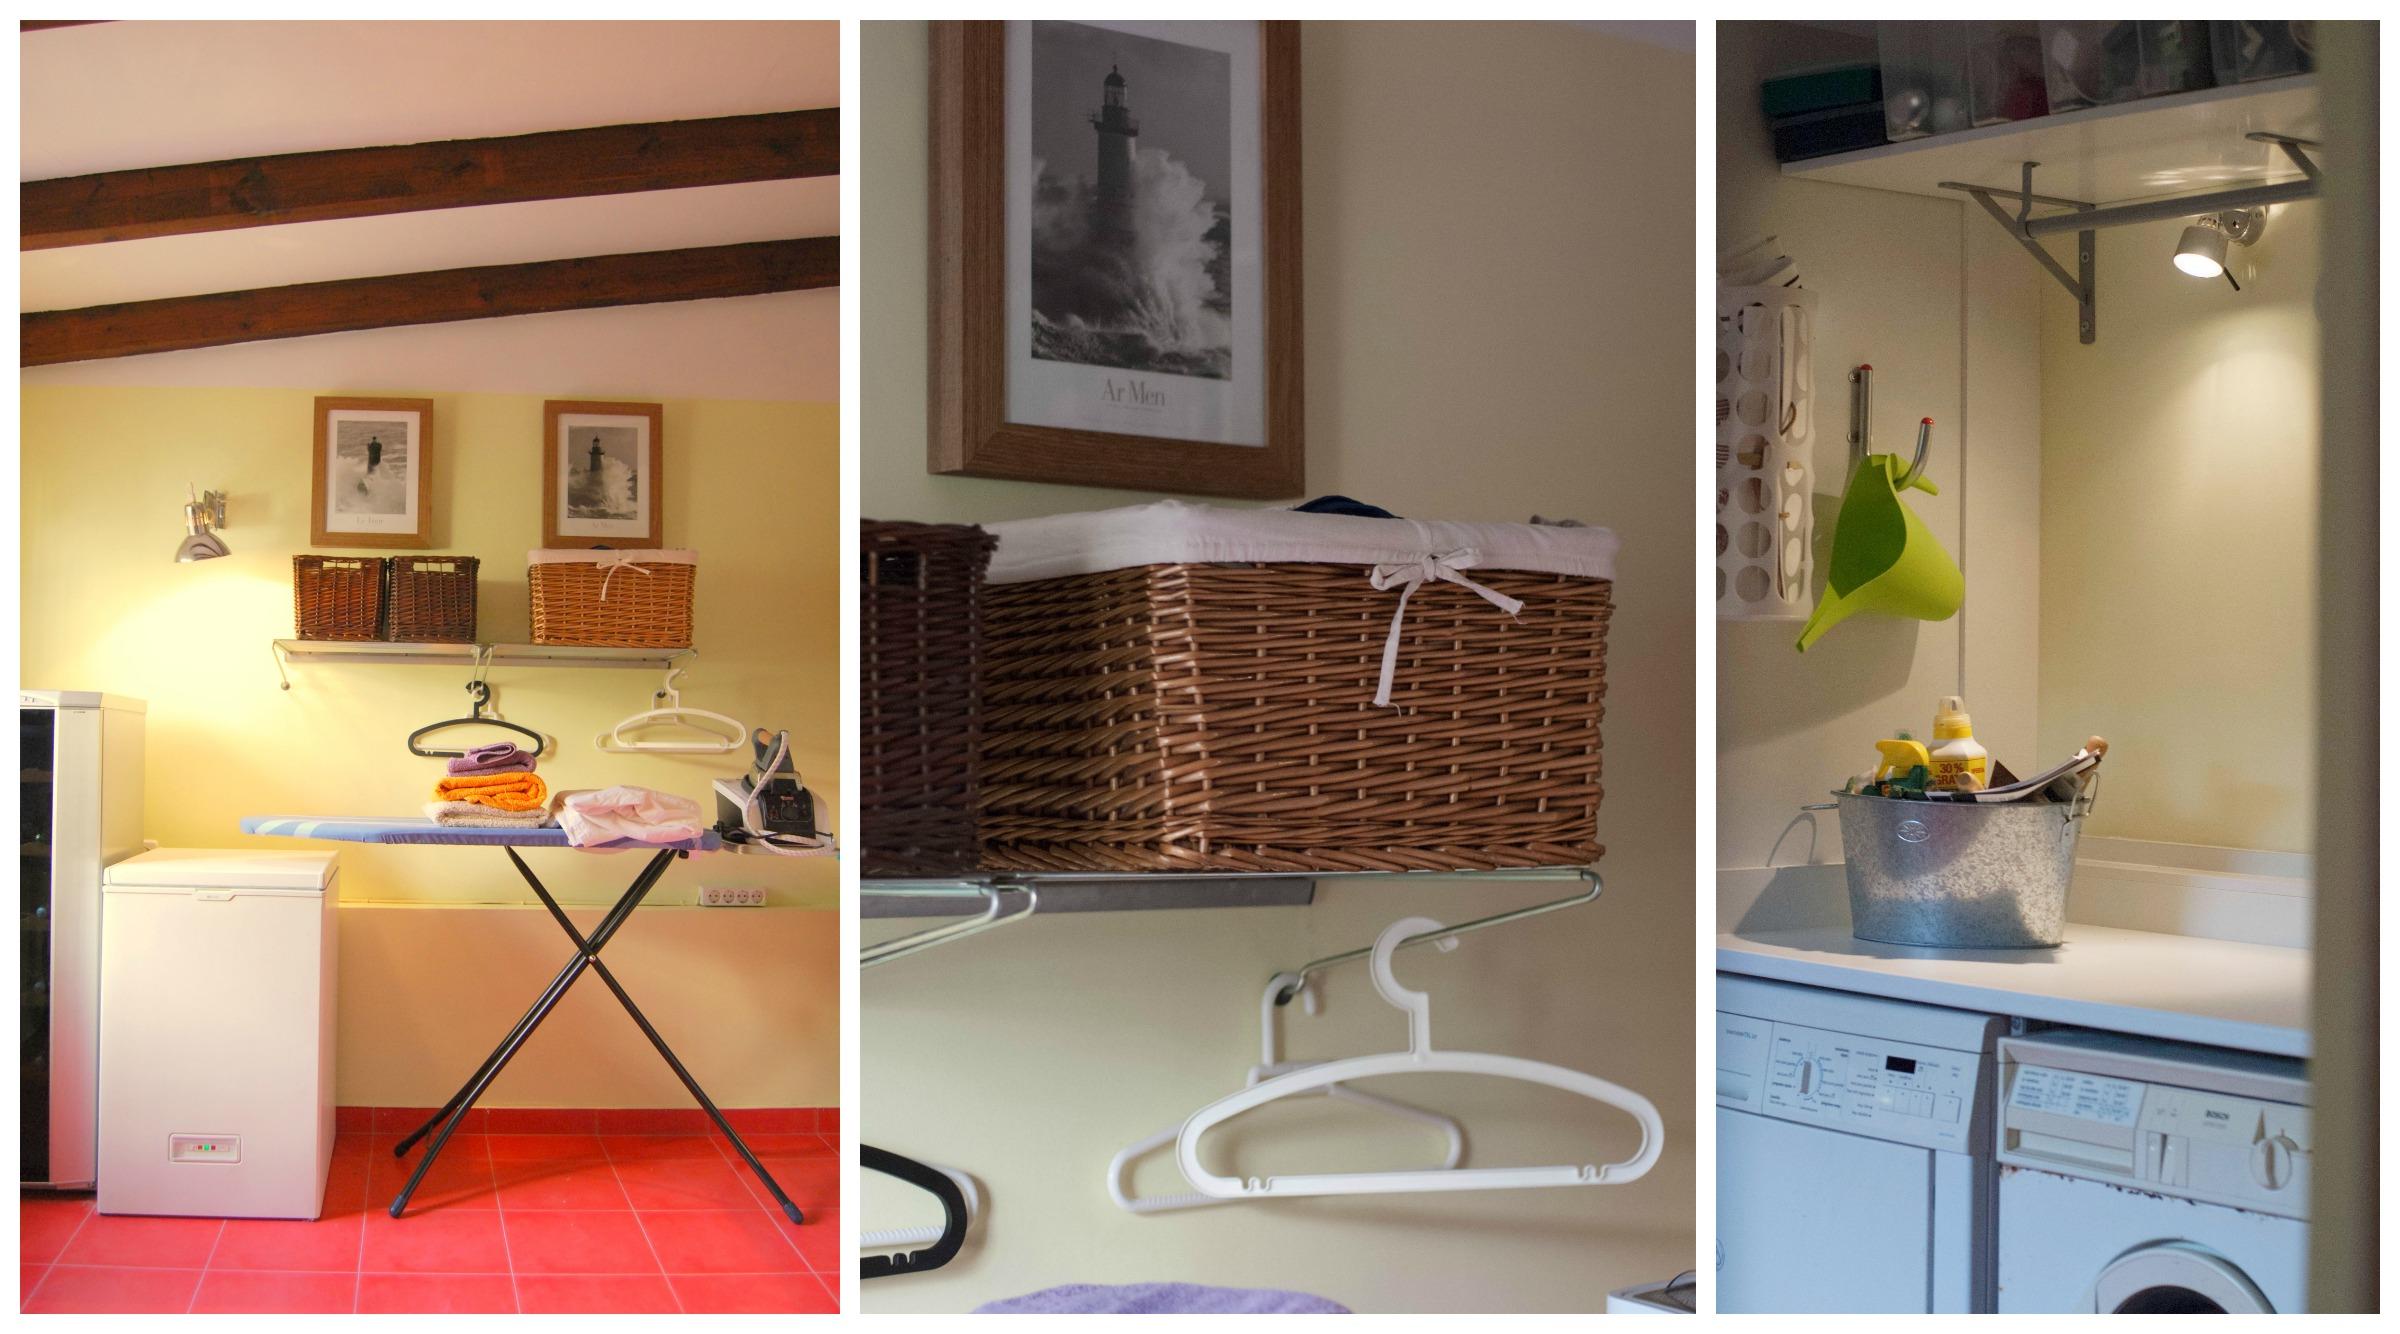 Pila lavadero con mueble perfect prcticos cuartos de - Pilas de lavar con mueble ...